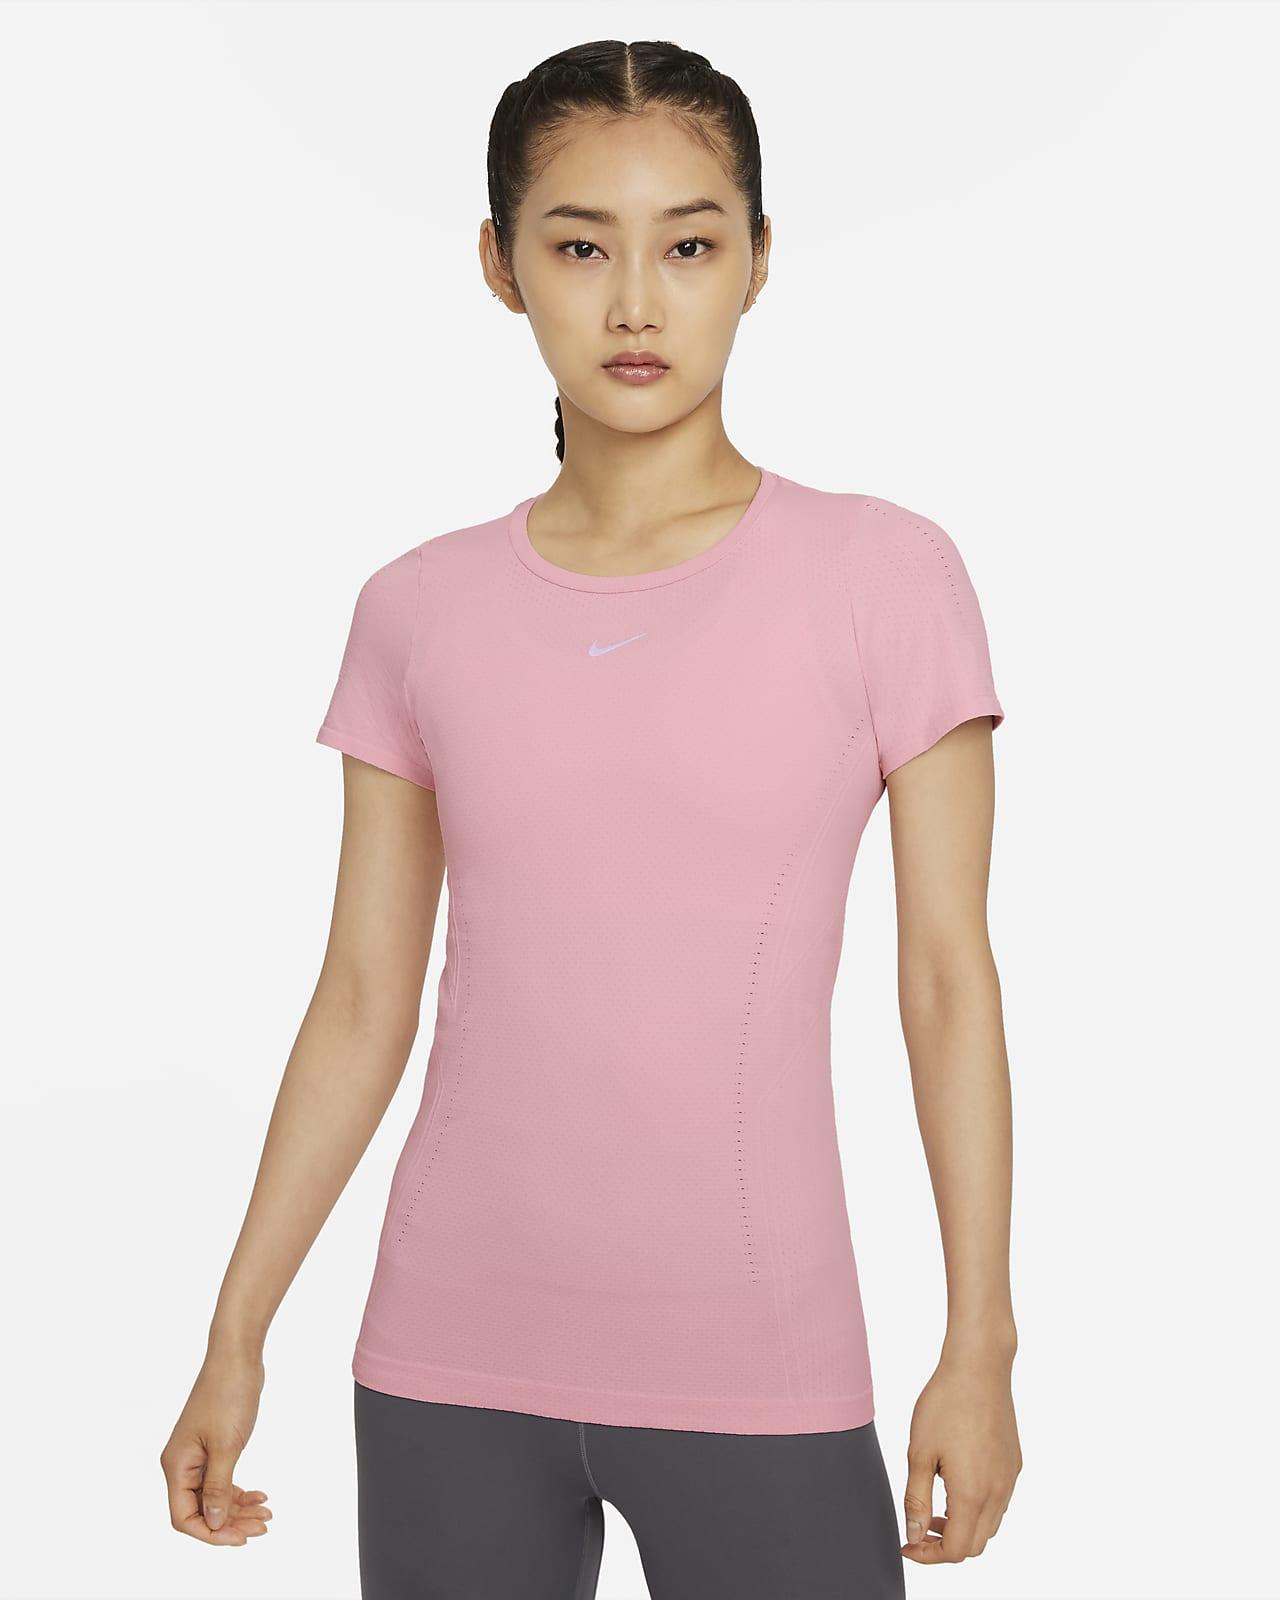 Nike Dri-FIT ADV Aura 女子短袖上衣